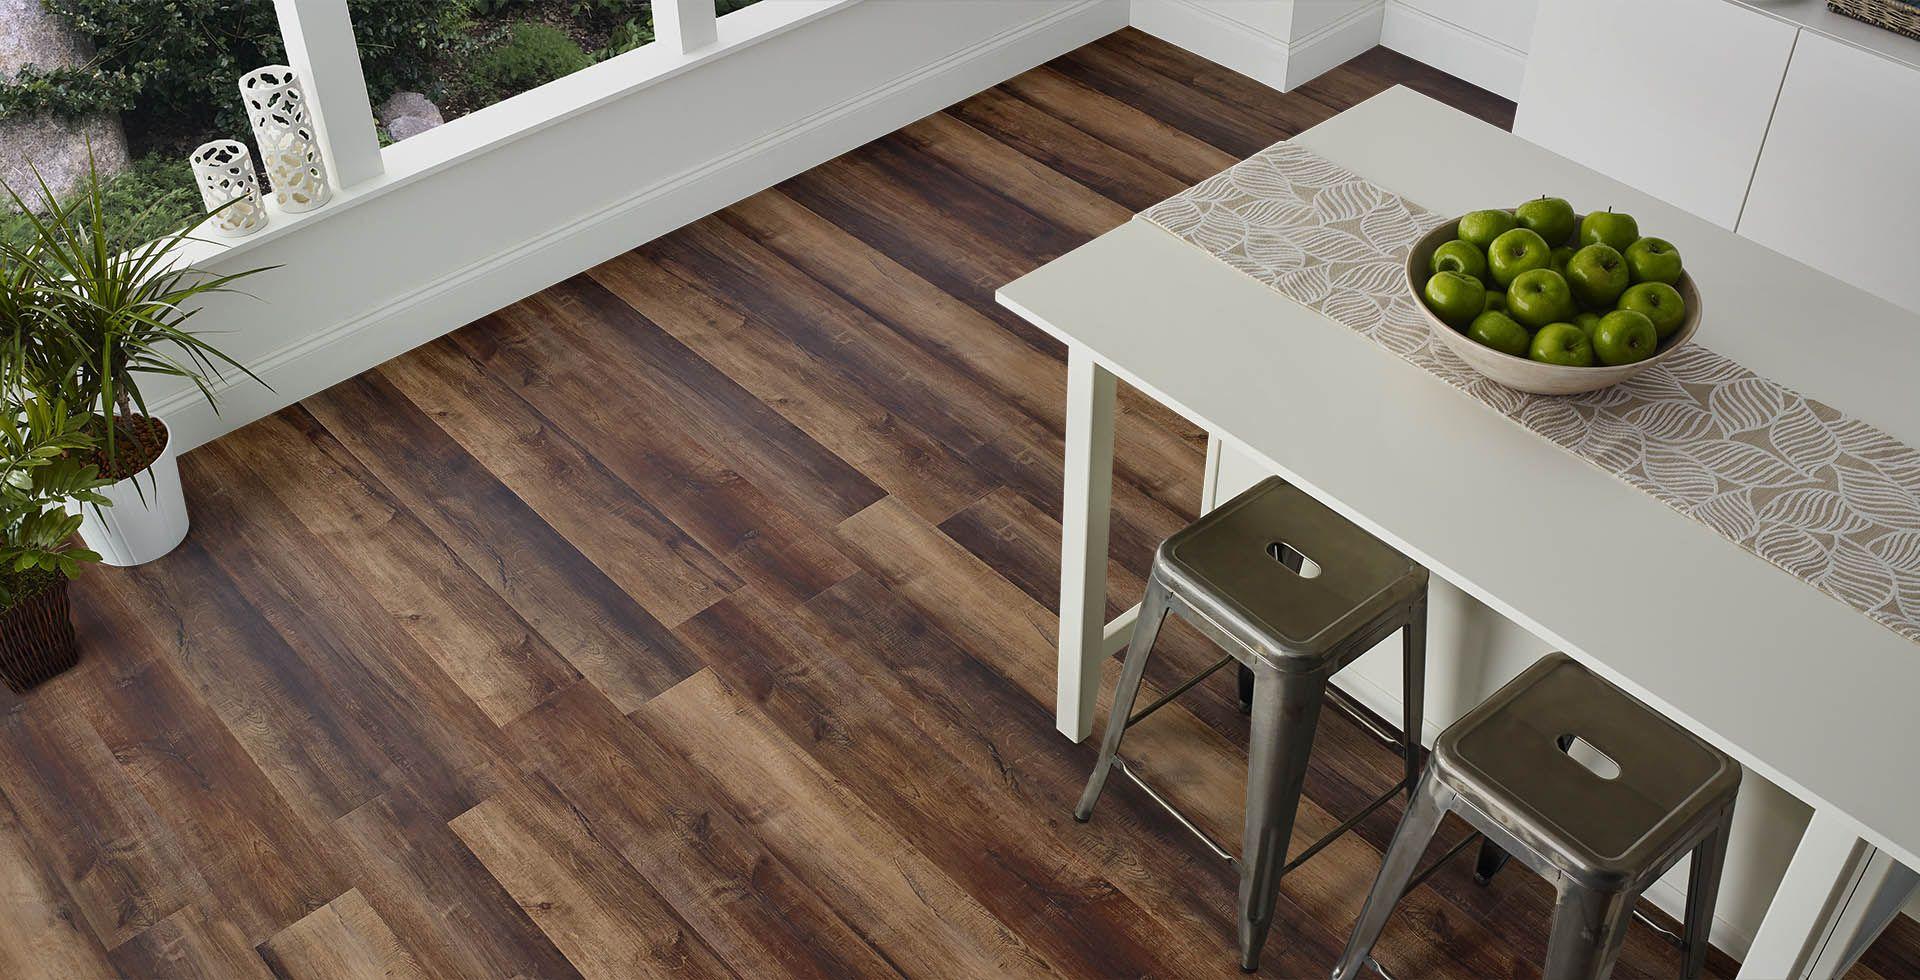 Buffalo Permaplank Lvt Engineered Wood Floors Flooring Vinyl Plank